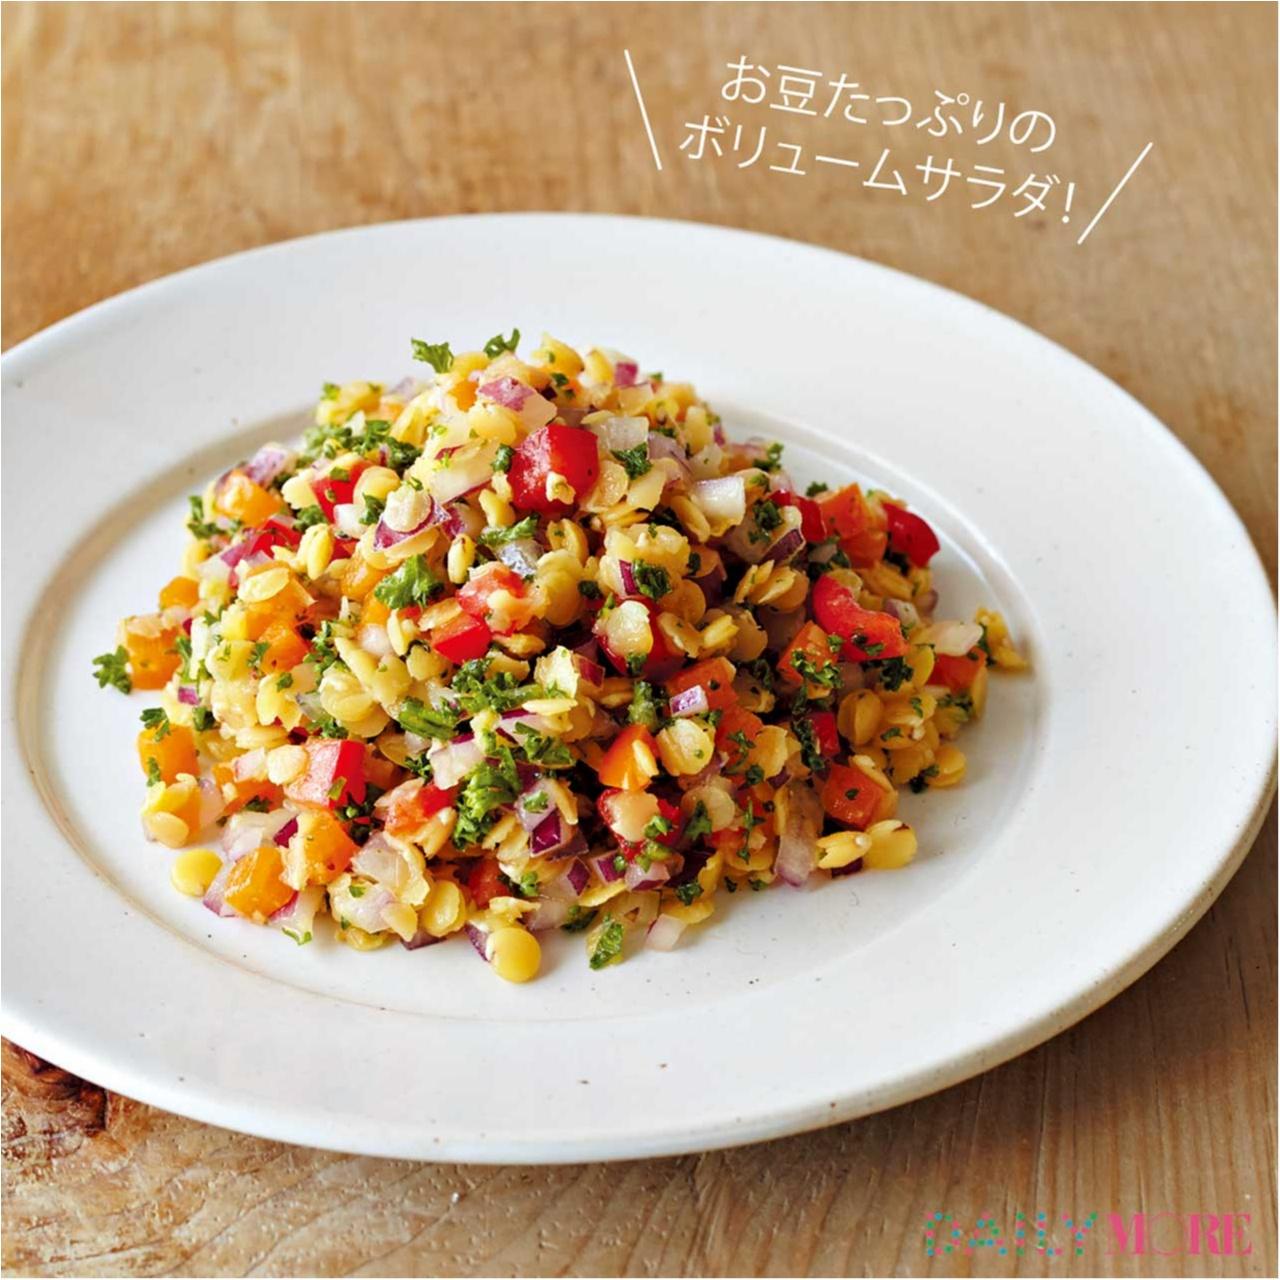 簡単! お弁当の作り置きおかずレシピ特集 - お弁当箱につめるだけの常備菜レシピまとめ_45